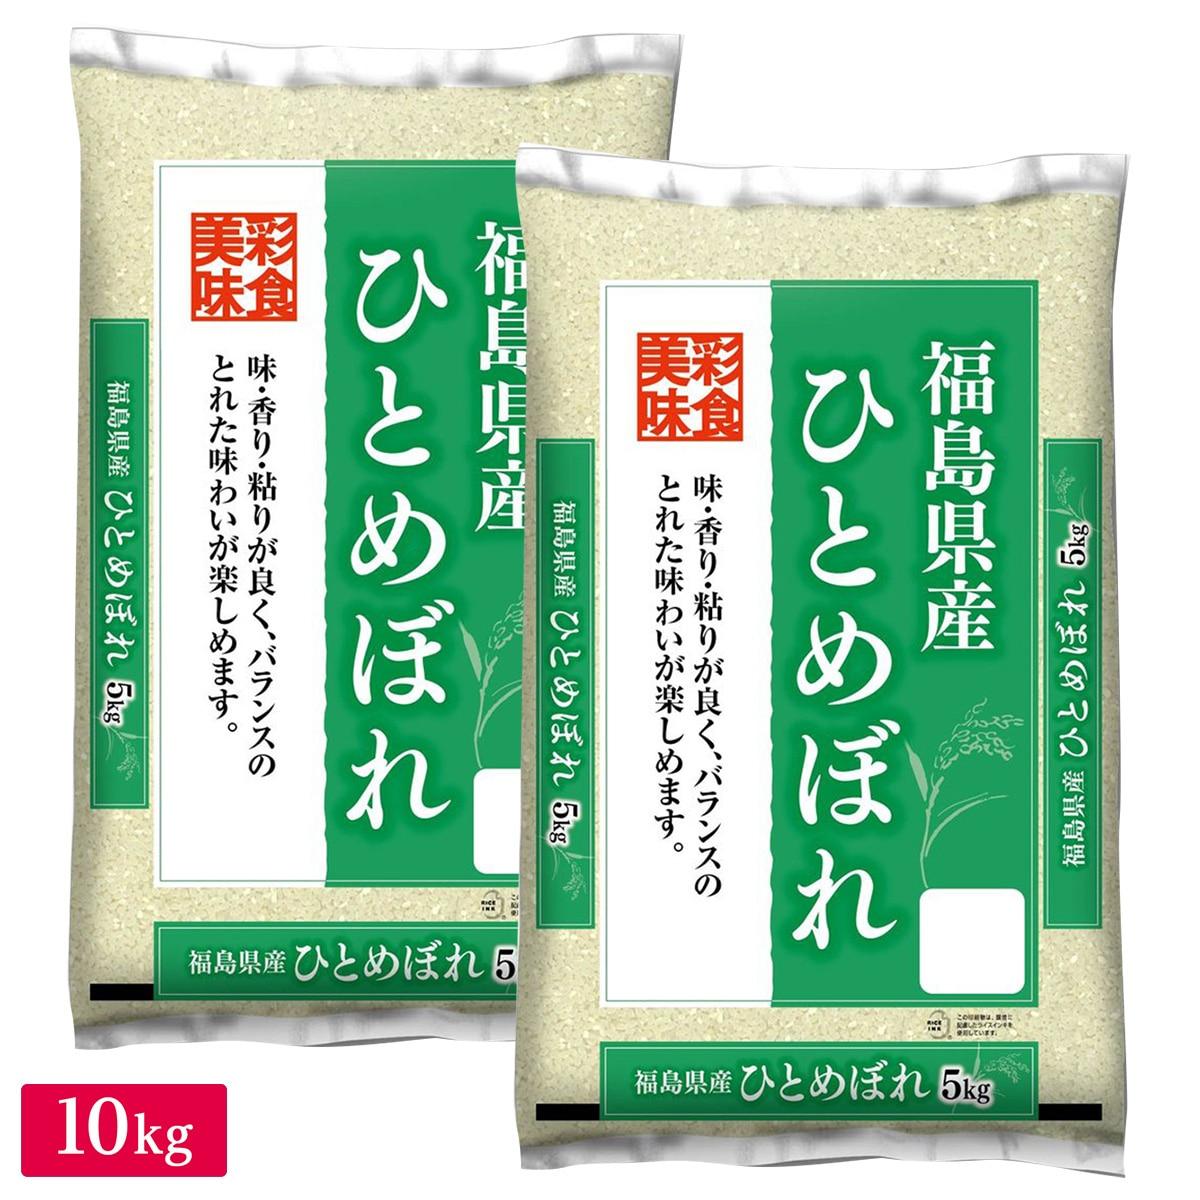 むらせライス ■【精米】令和元年産 福島ひとめぼれ 10kg(5kg×2) 21961